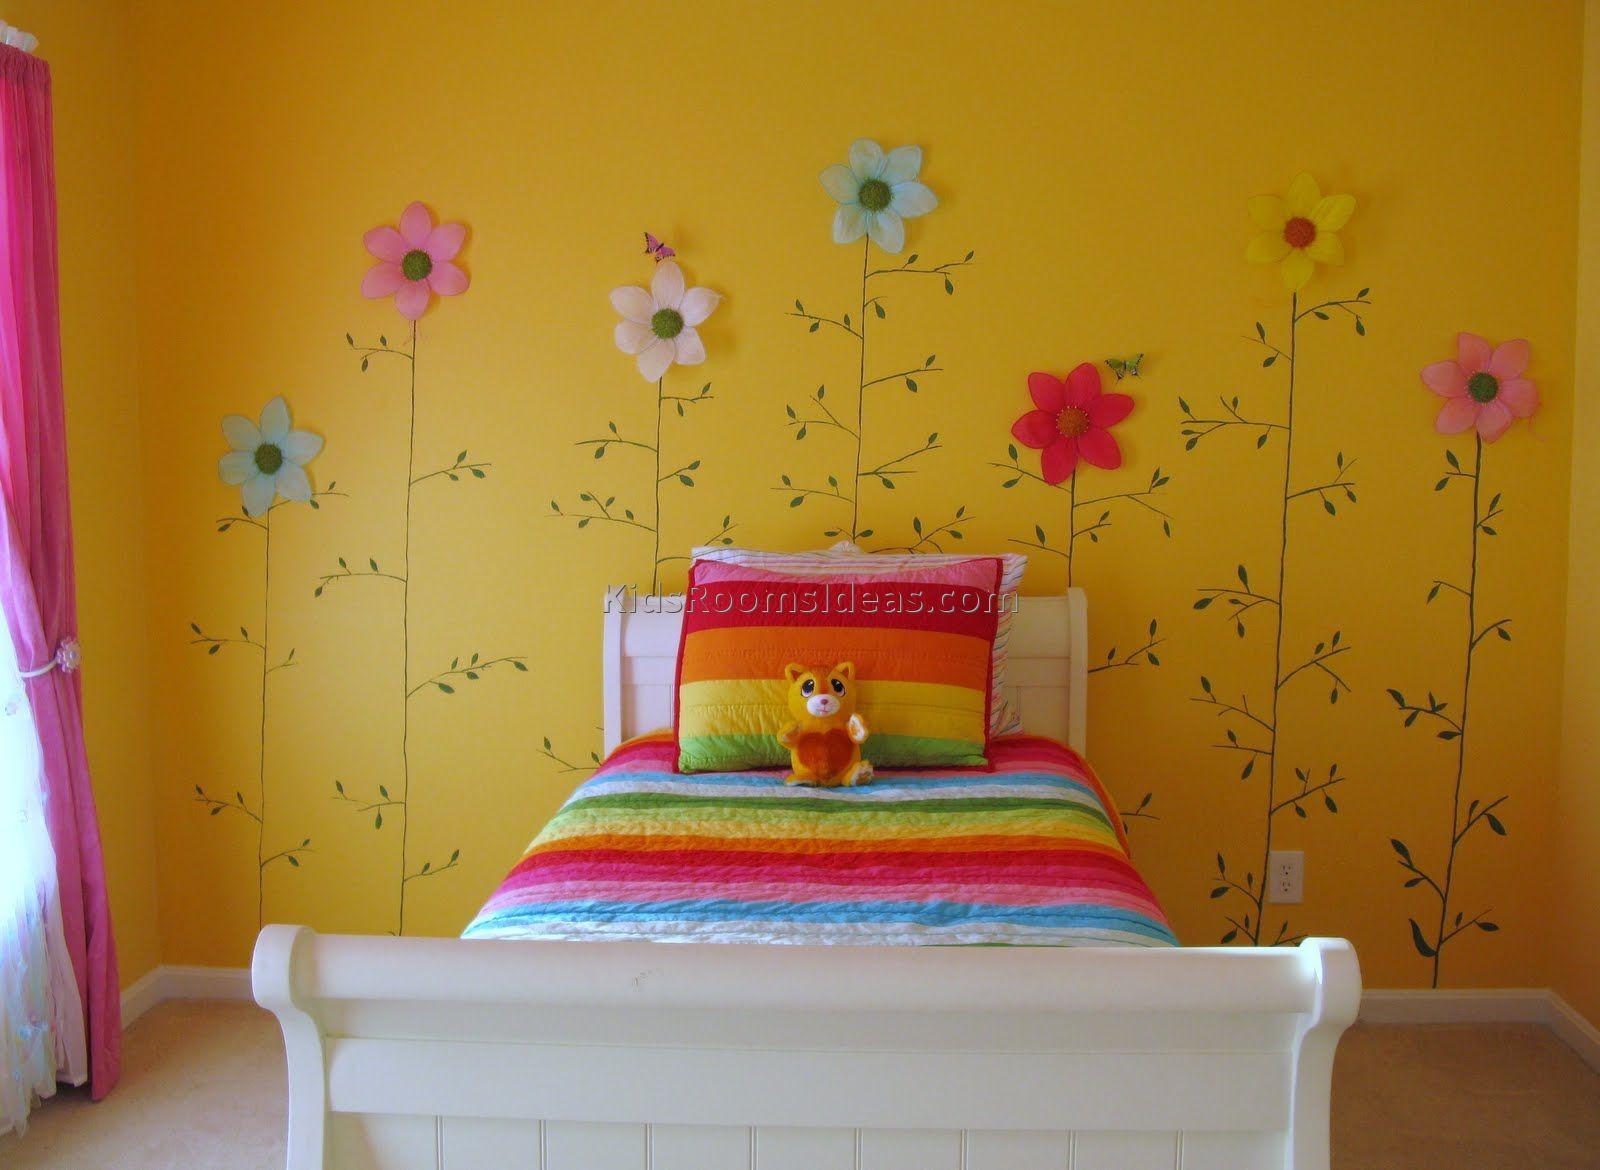 Kids Rainbow Room Ideas | Best Kids Room Furniture Decor Ideas ...